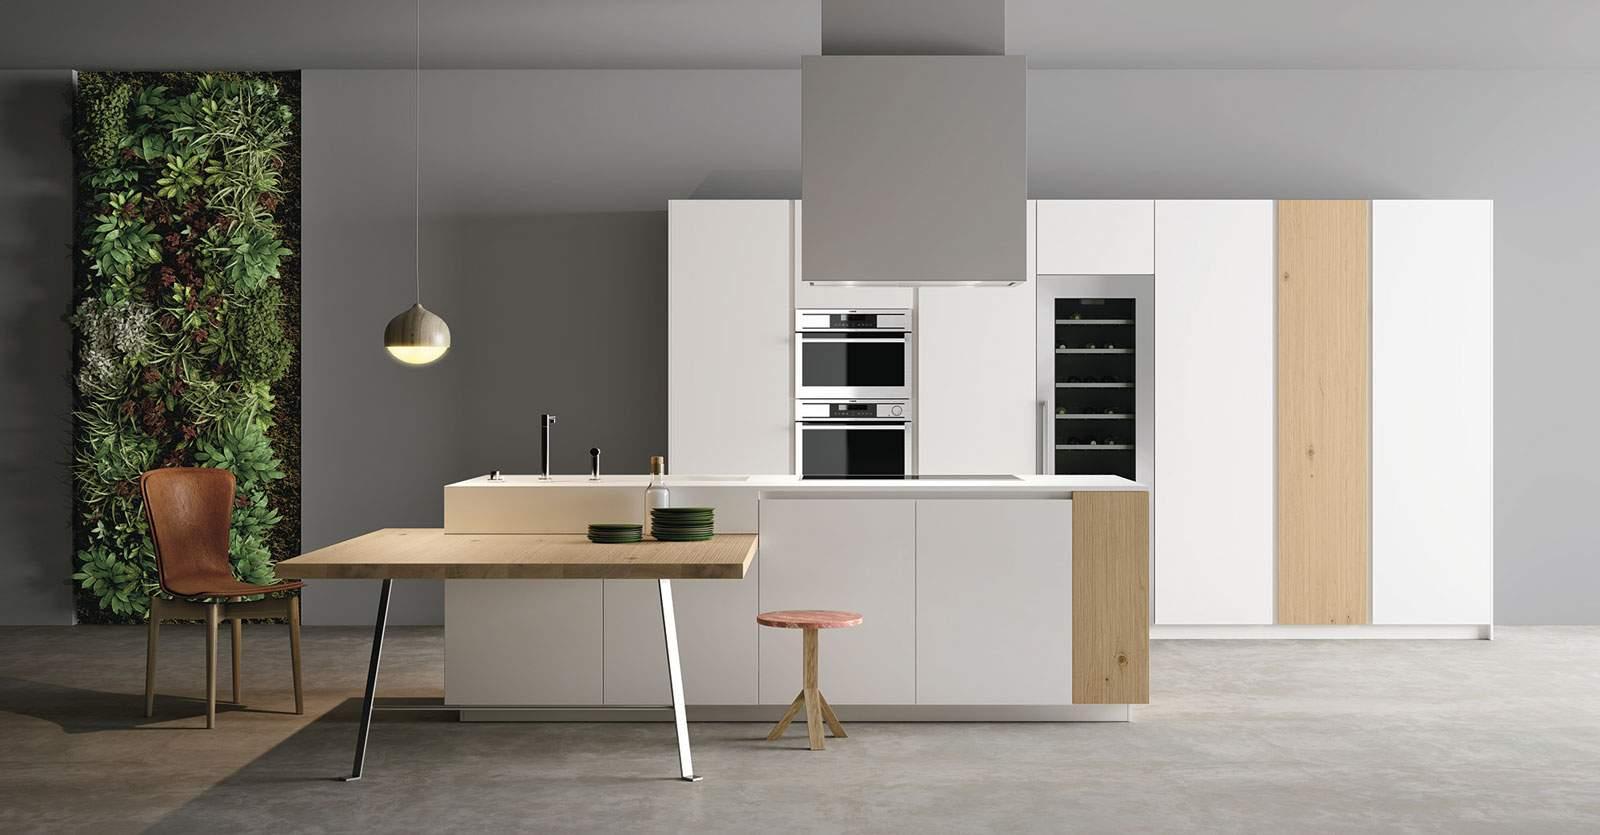 Doimo Cucine e il nuovo modello Materia | Teti Arredamenti